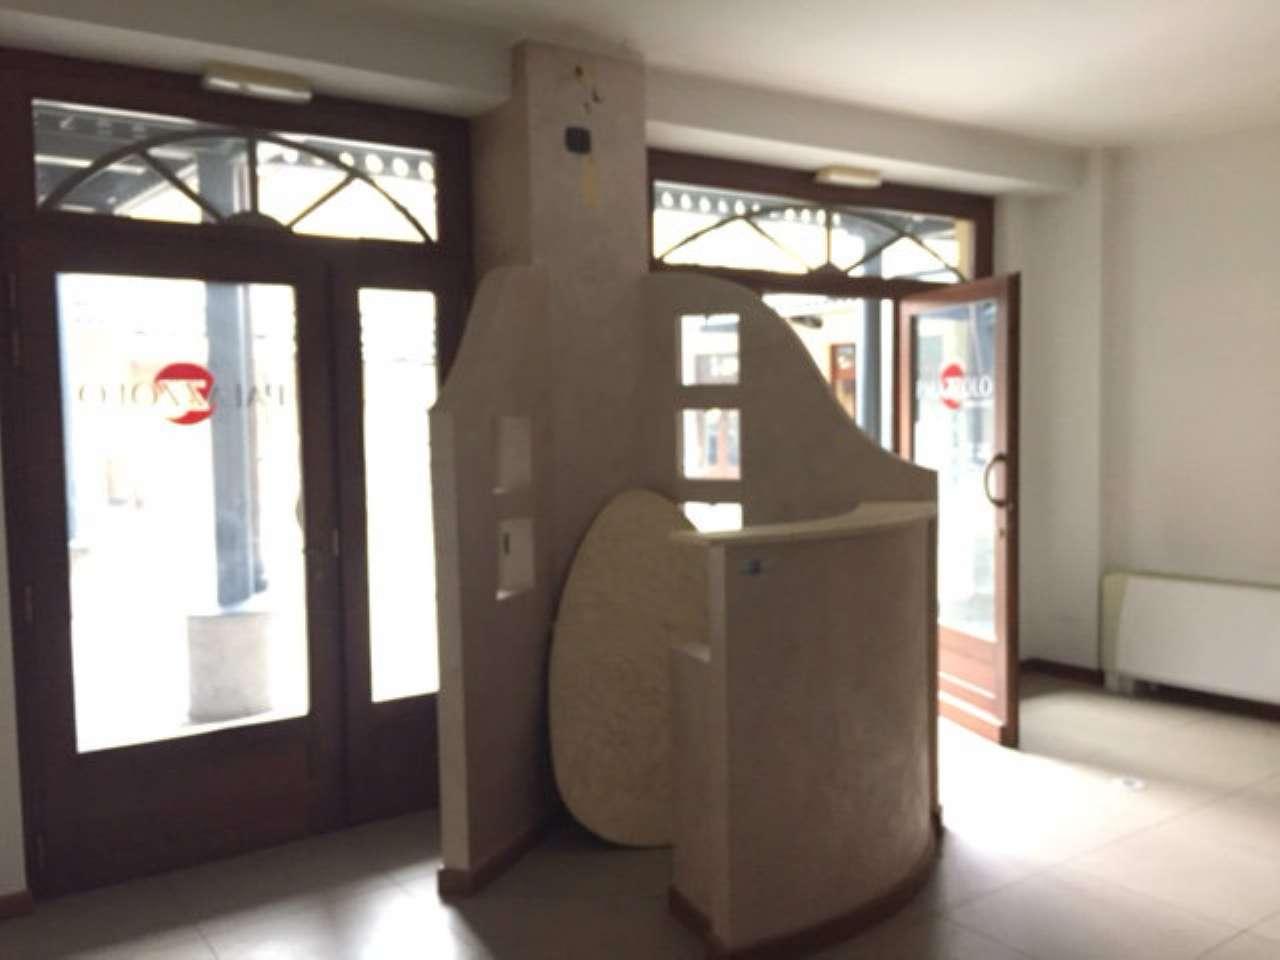 Negozio / Locale in vendita a Volpiano, 1 locali, prezzo € 33.000 | CambioCasa.it